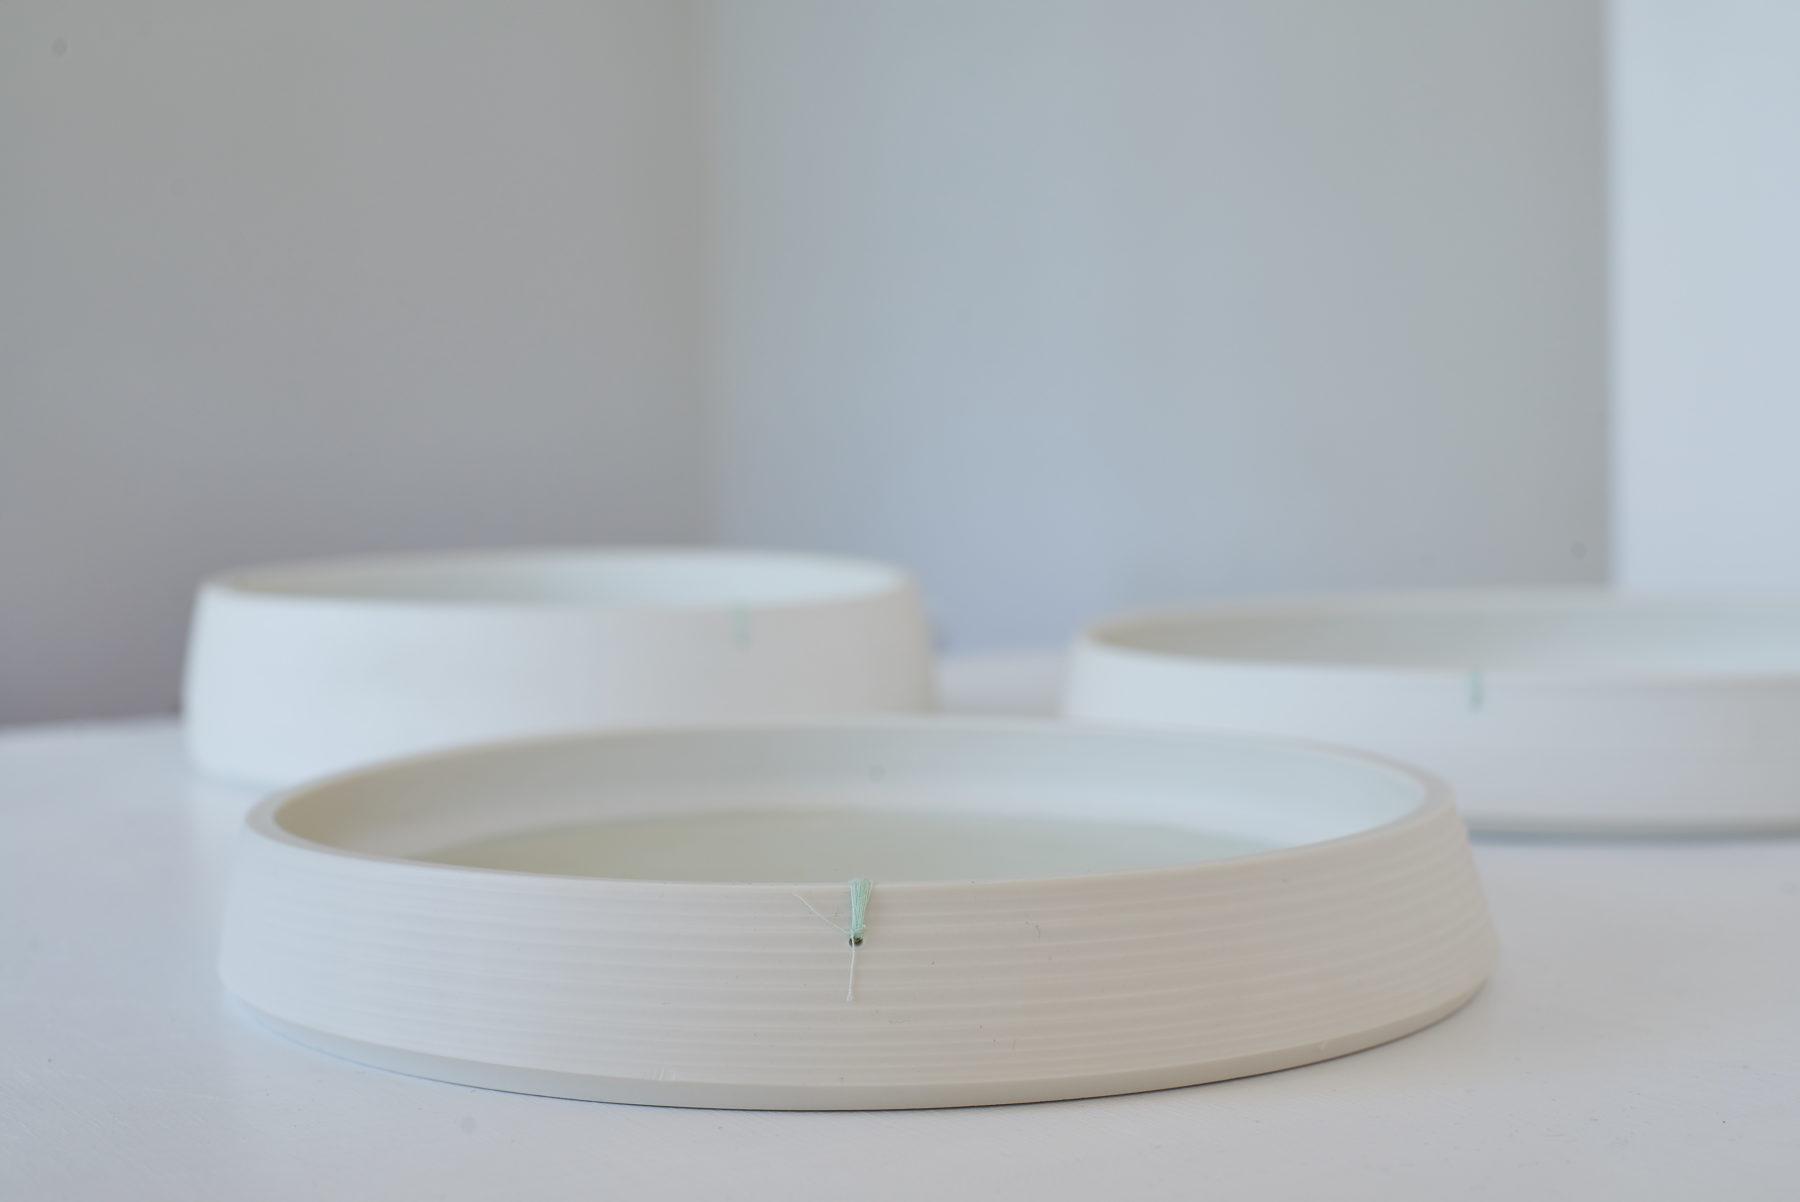 atelier helga ritsch porzellanschalen flach mit marke. Black Bedroom Furniture Sets. Home Design Ideas